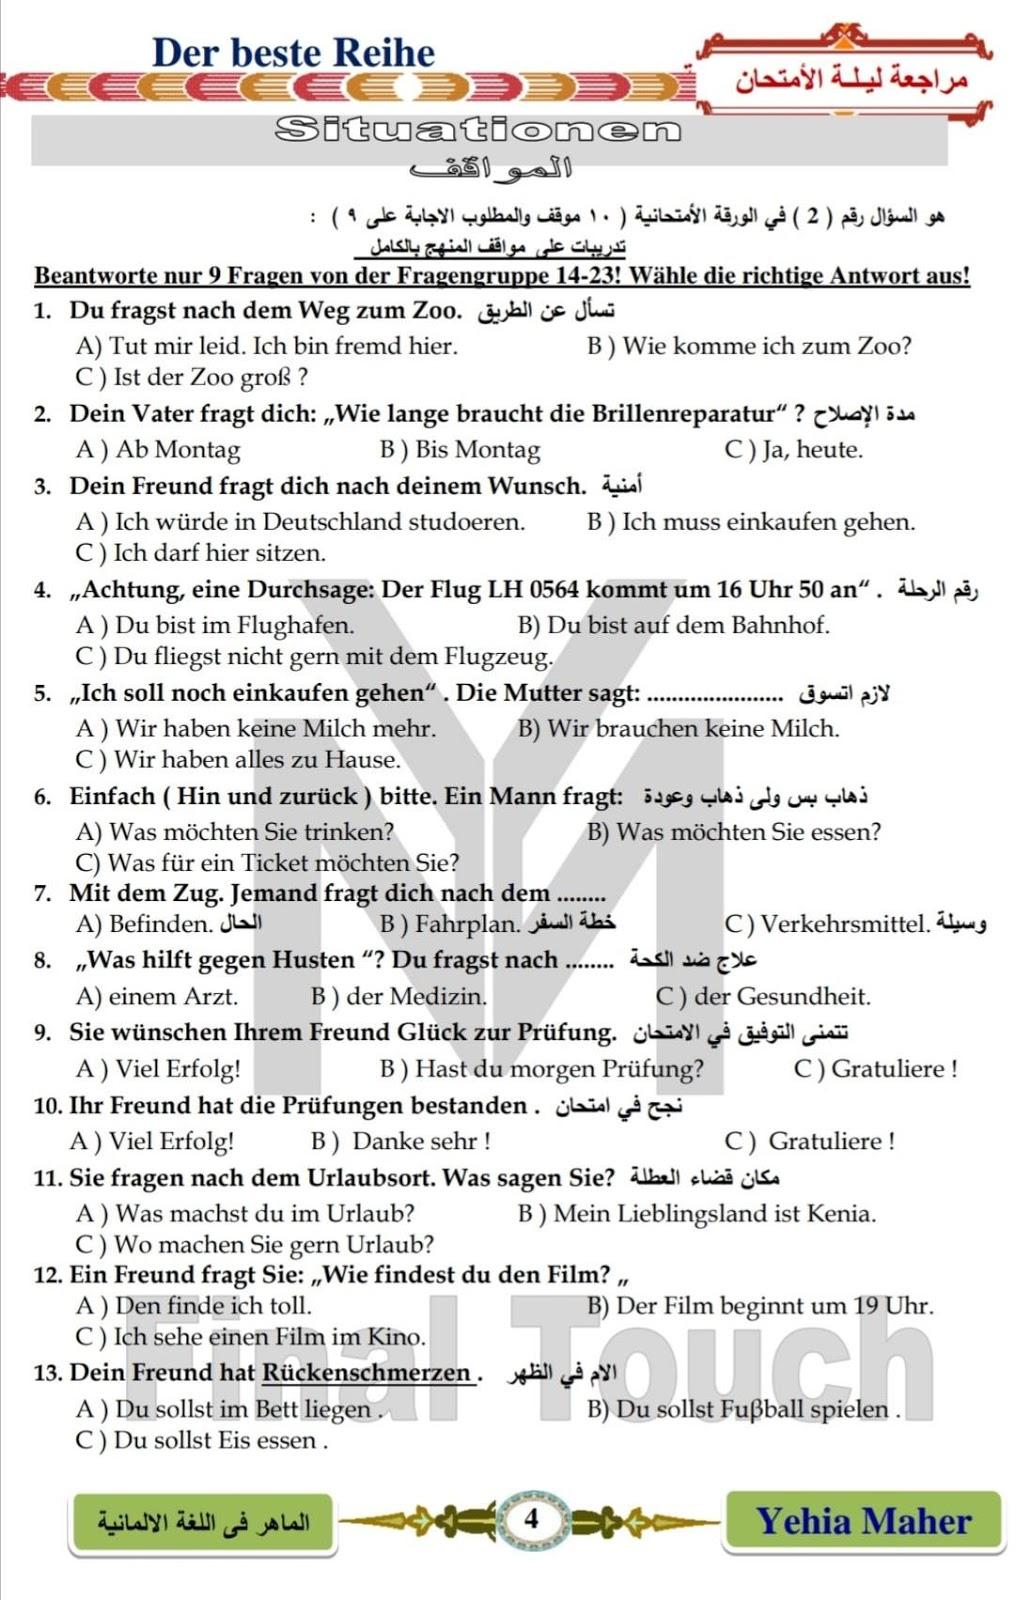 مراجعة اللغة الألمانية.. أهم أسئلة ليلة امتحان الثانوية العامة هير / يحيي ماهر 4